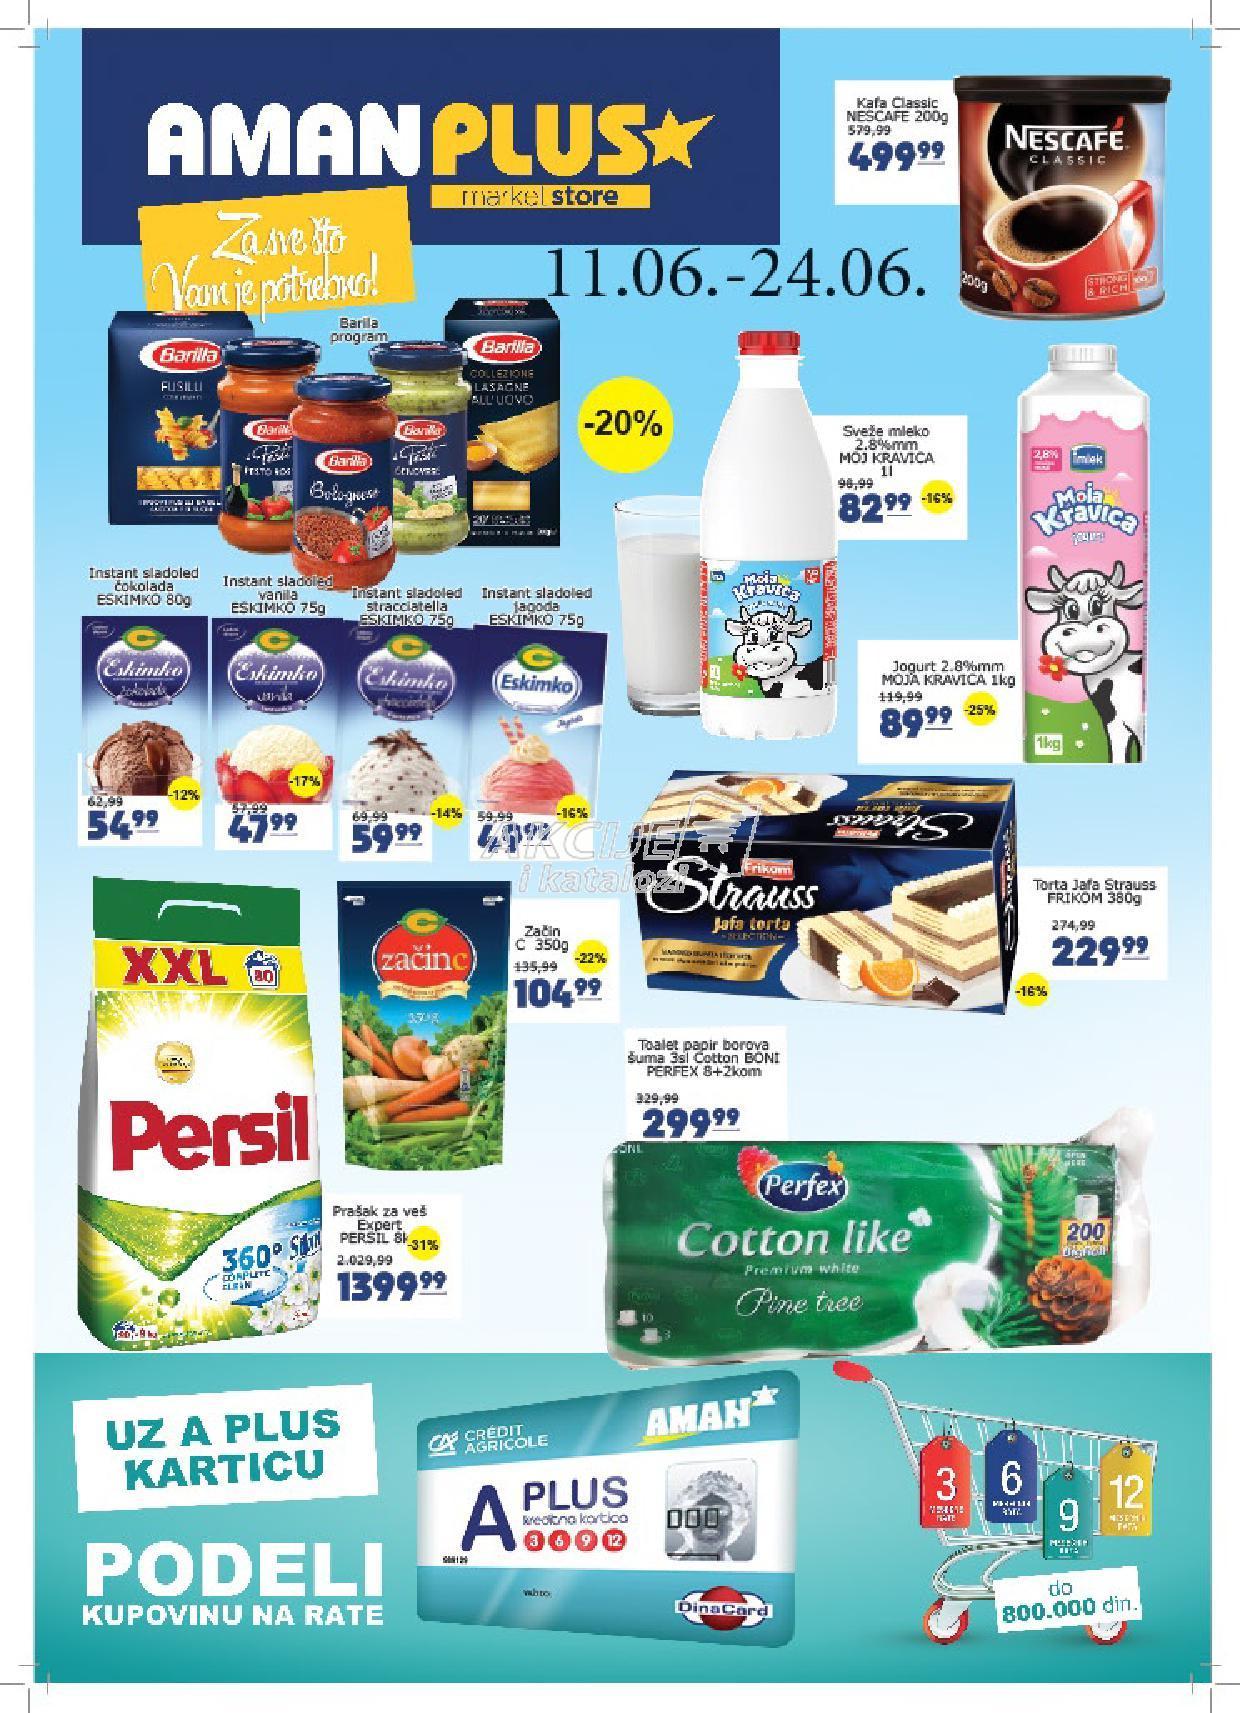 Aman Plus - Redovna akcija odlične kupovine